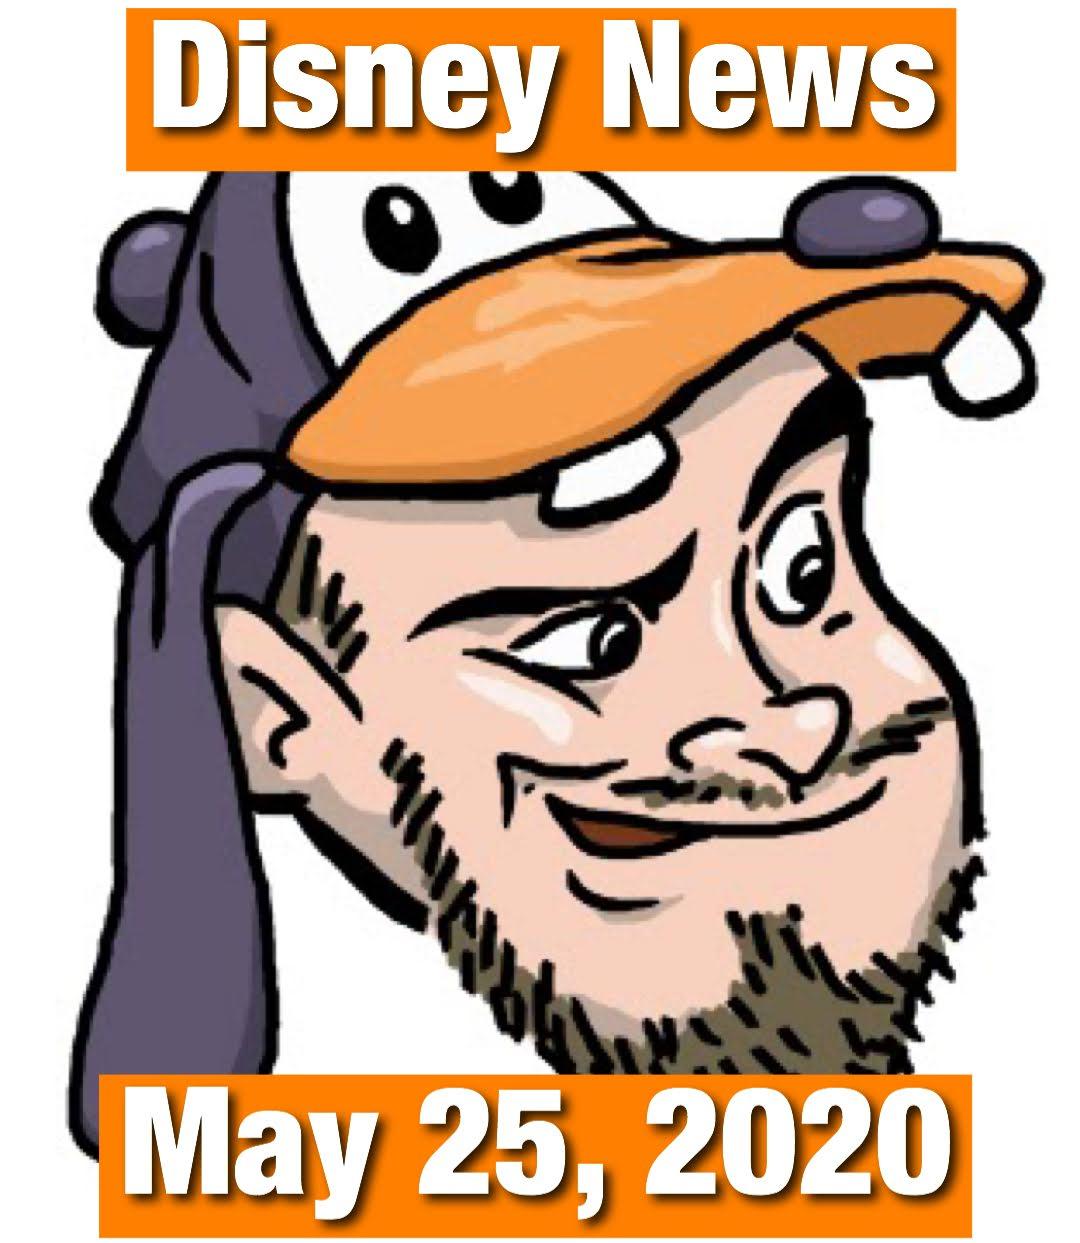 Disney News For 5/25/2020